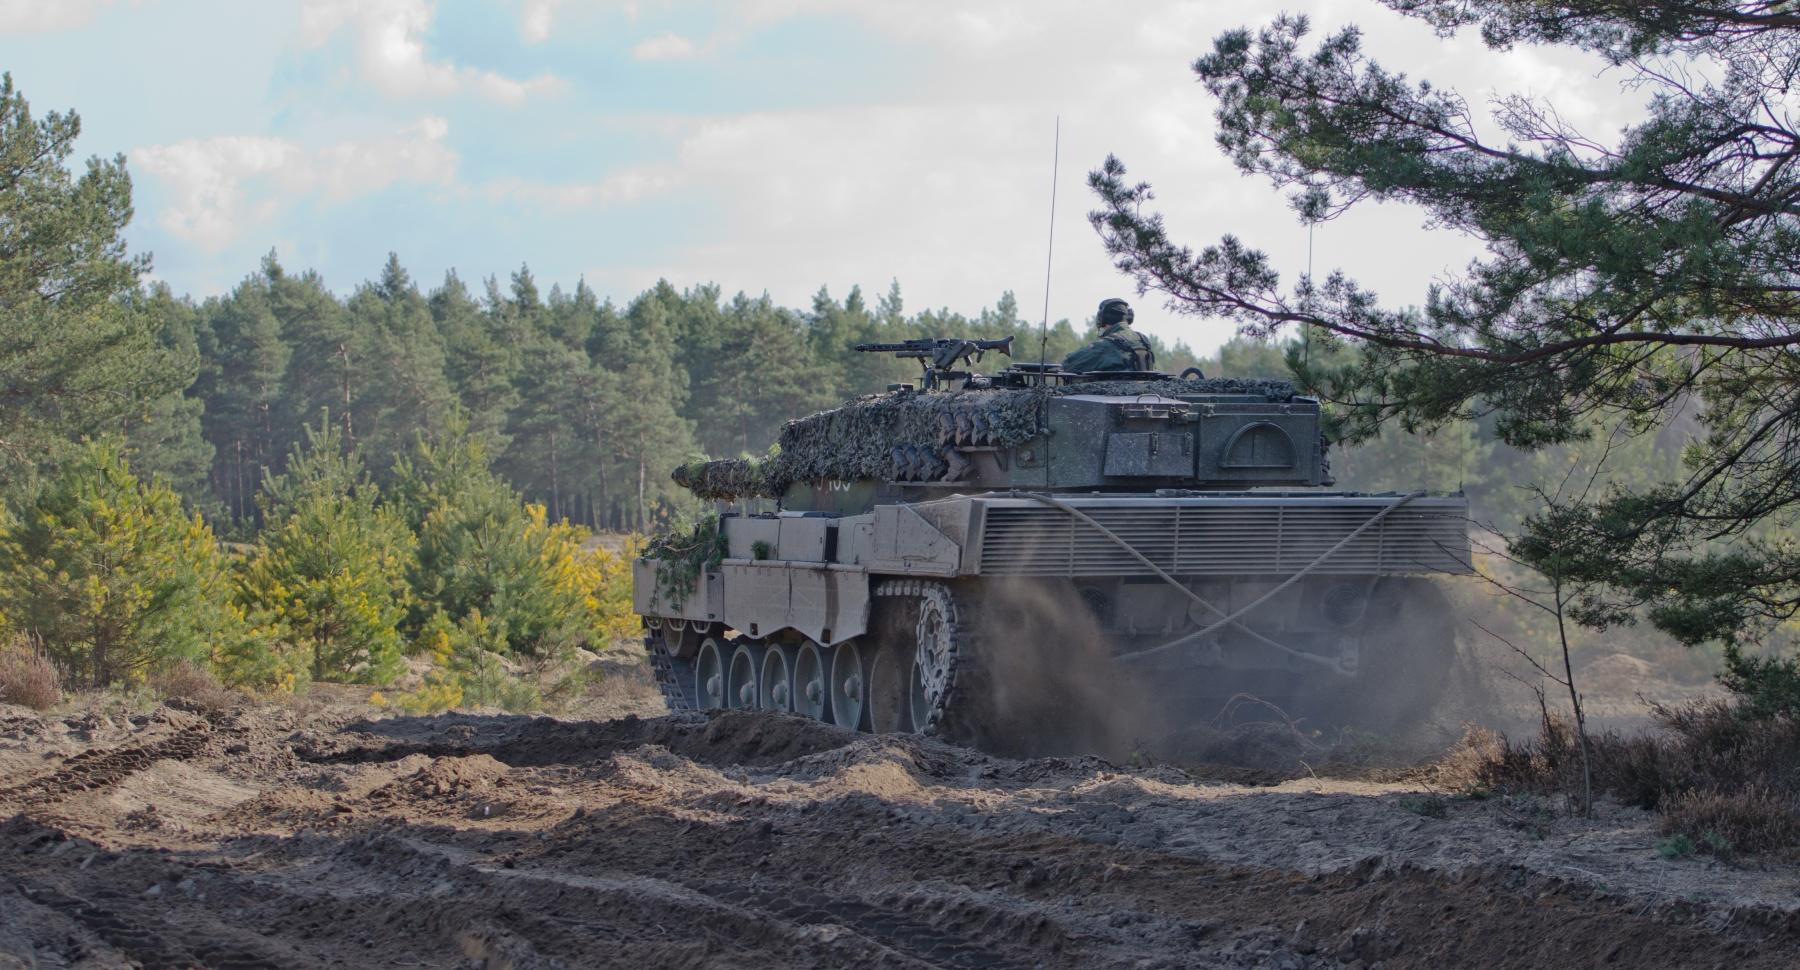 Polski Leopard 2A4 podczas ćwiczeń NATO w Karlikach, marzec 2017 (US Army / Capt. John Strickland)